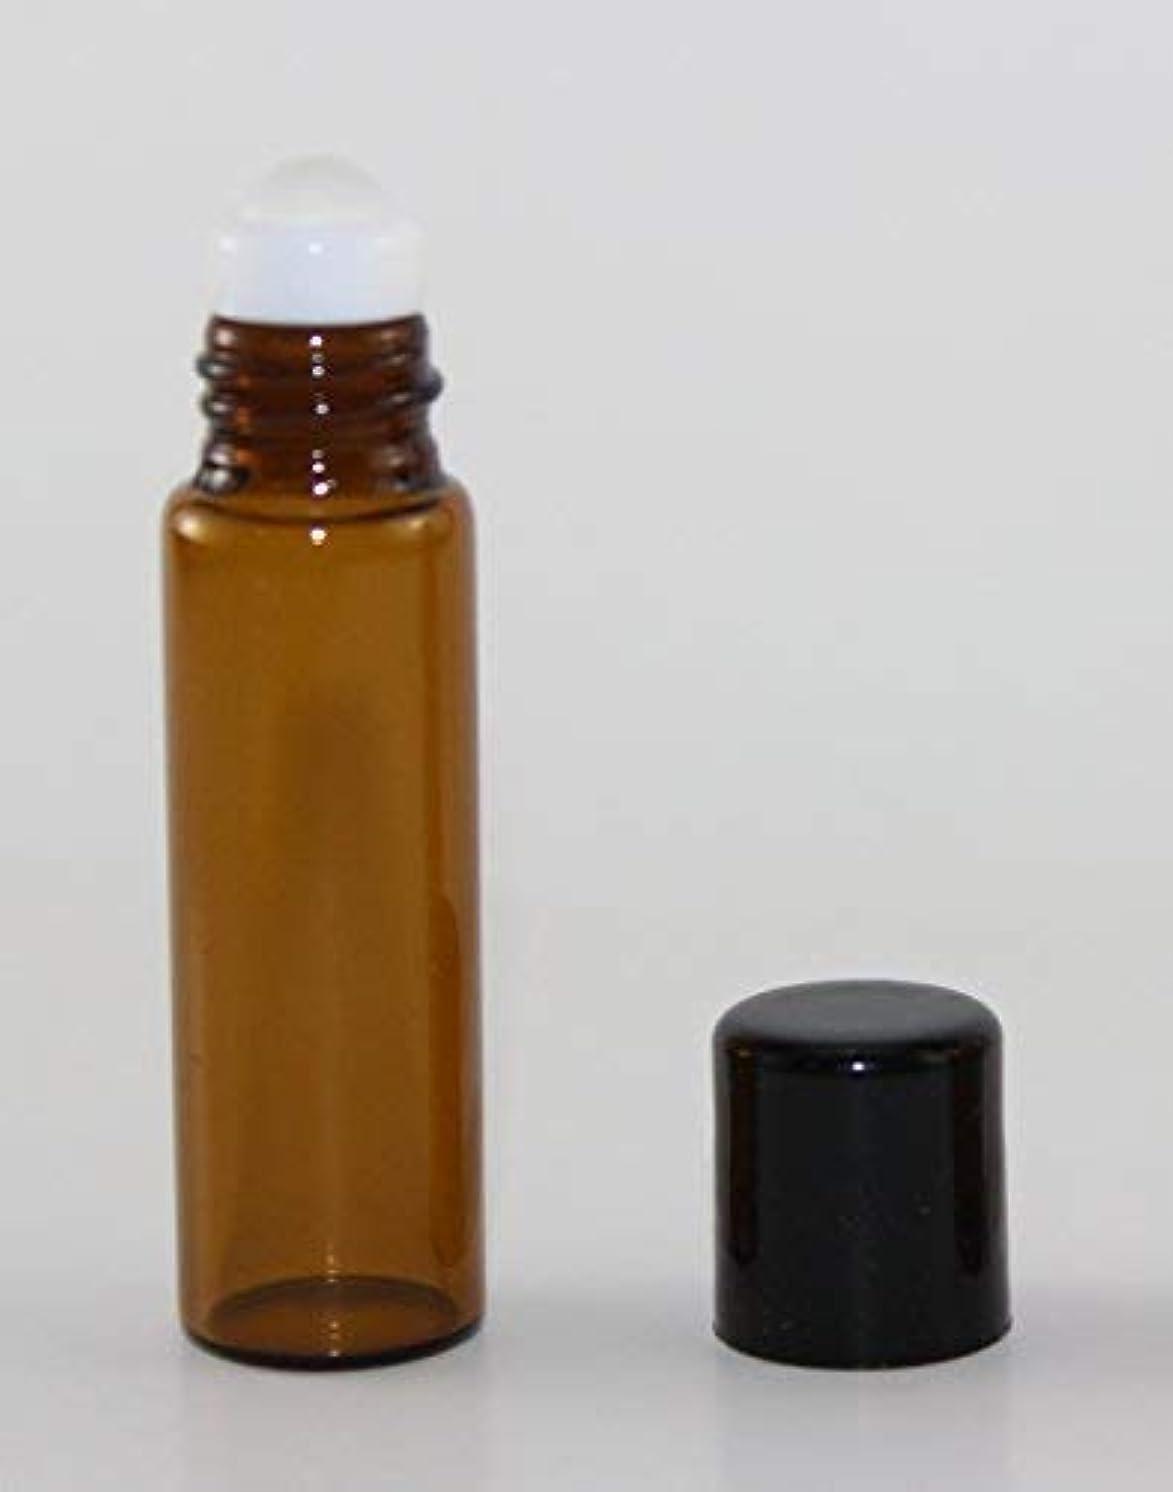 追加する発生平等USA 72 Amber Glass 5 ml Roll-On Glass Bottles with GLASS Roller Roll On Balls - Refillable Aromatherapy Essential...